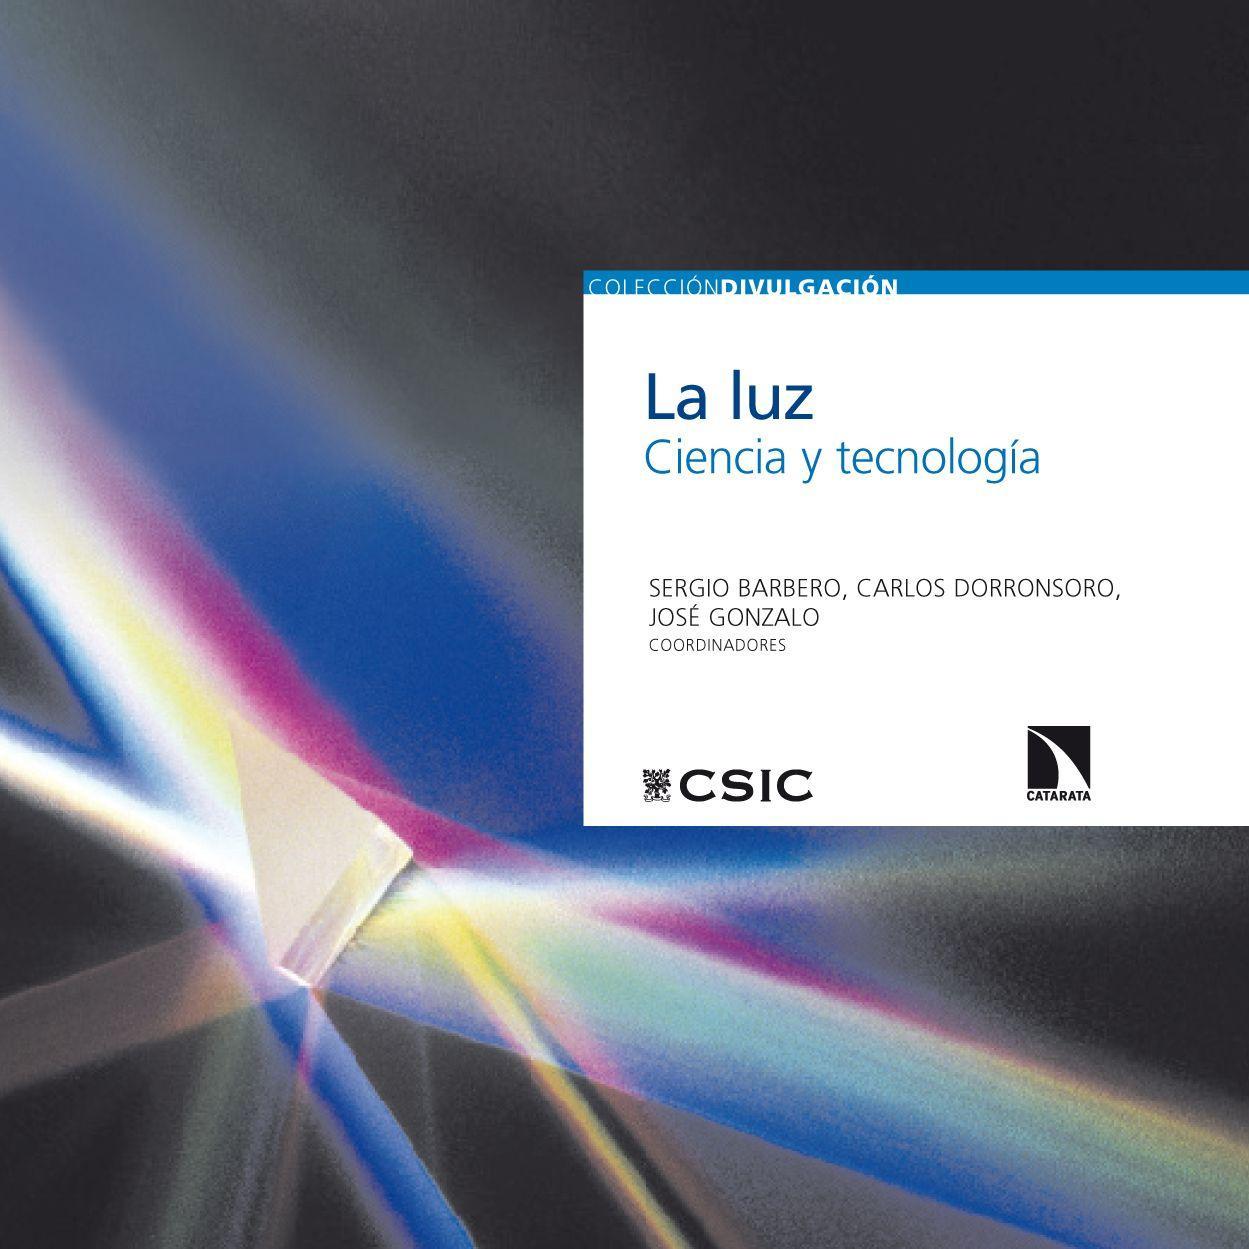 La luz. Ciencia y tecnología